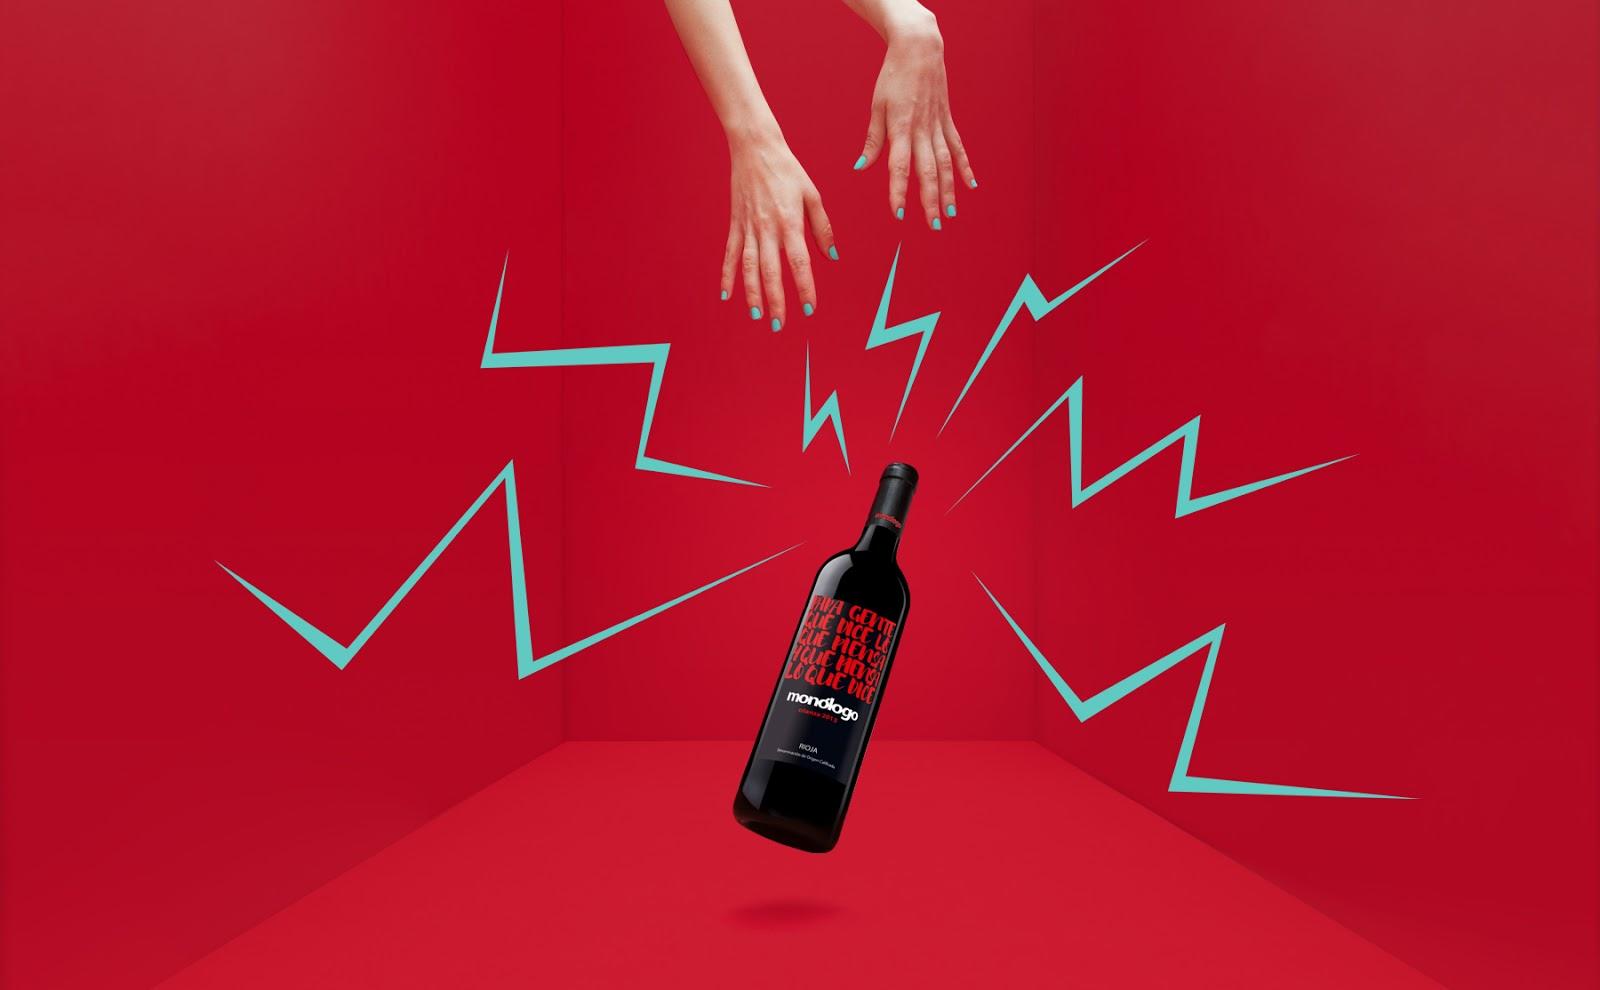 Monólogo, el vino que suelta la lengua | No me toques las